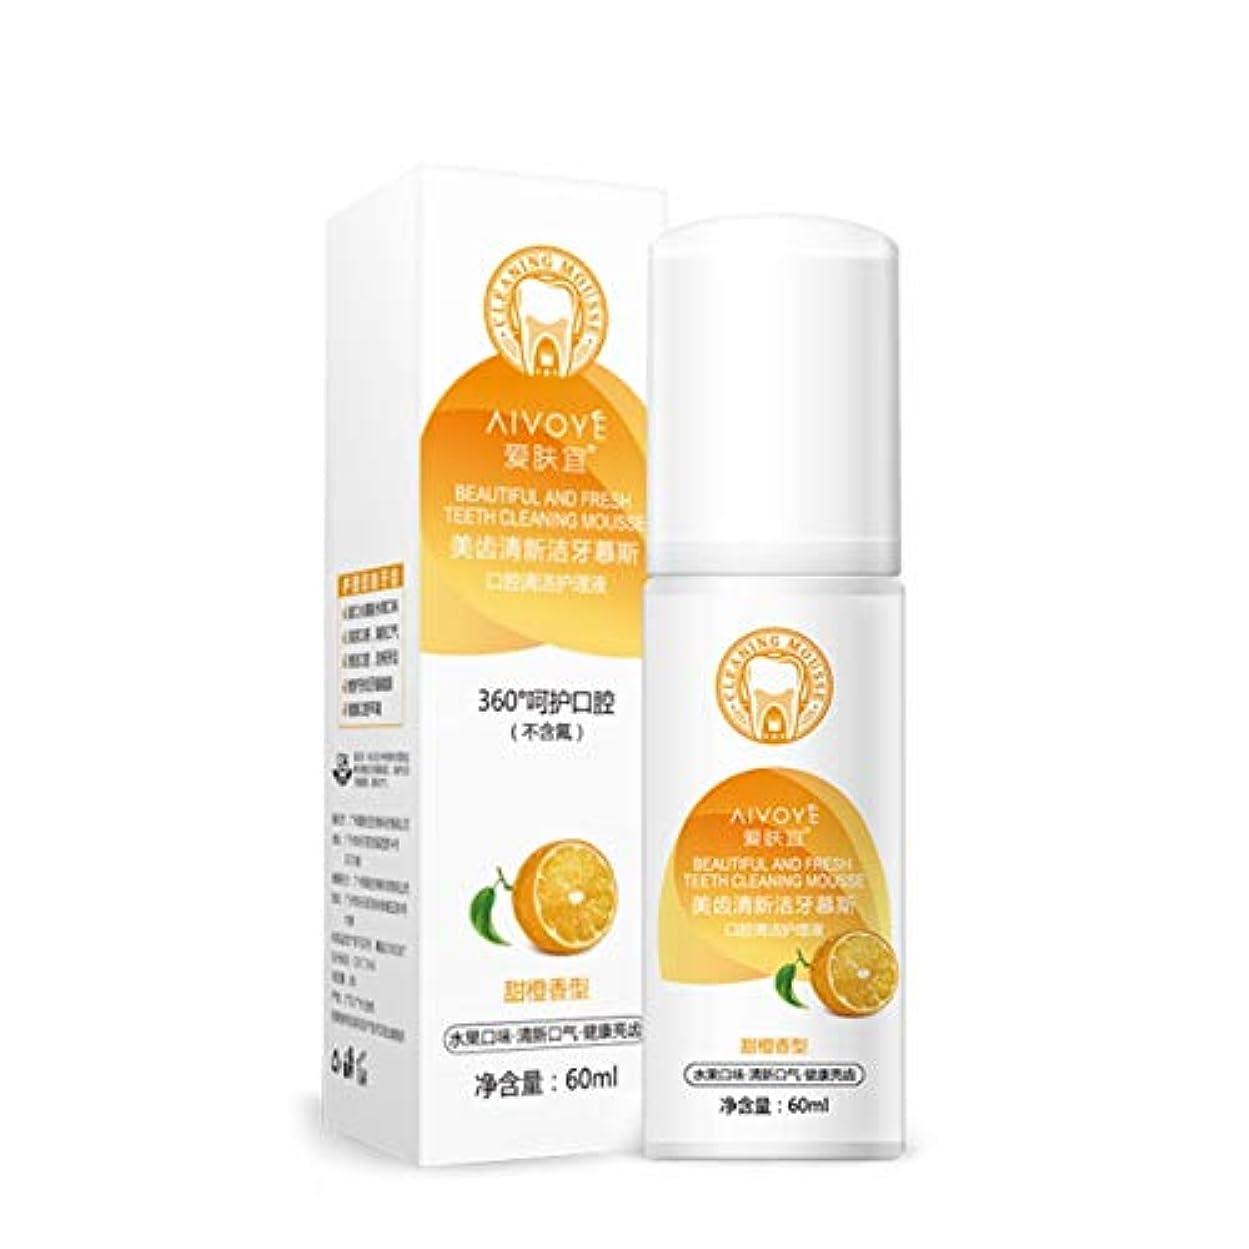 デザイナー日ディスカウントオレンジハーブミント新鮮な歯磨き粉は歯肉炎歯磨きをきれいにして清潔な歯を磨きます汚れ口臭プラーク - オレンジ